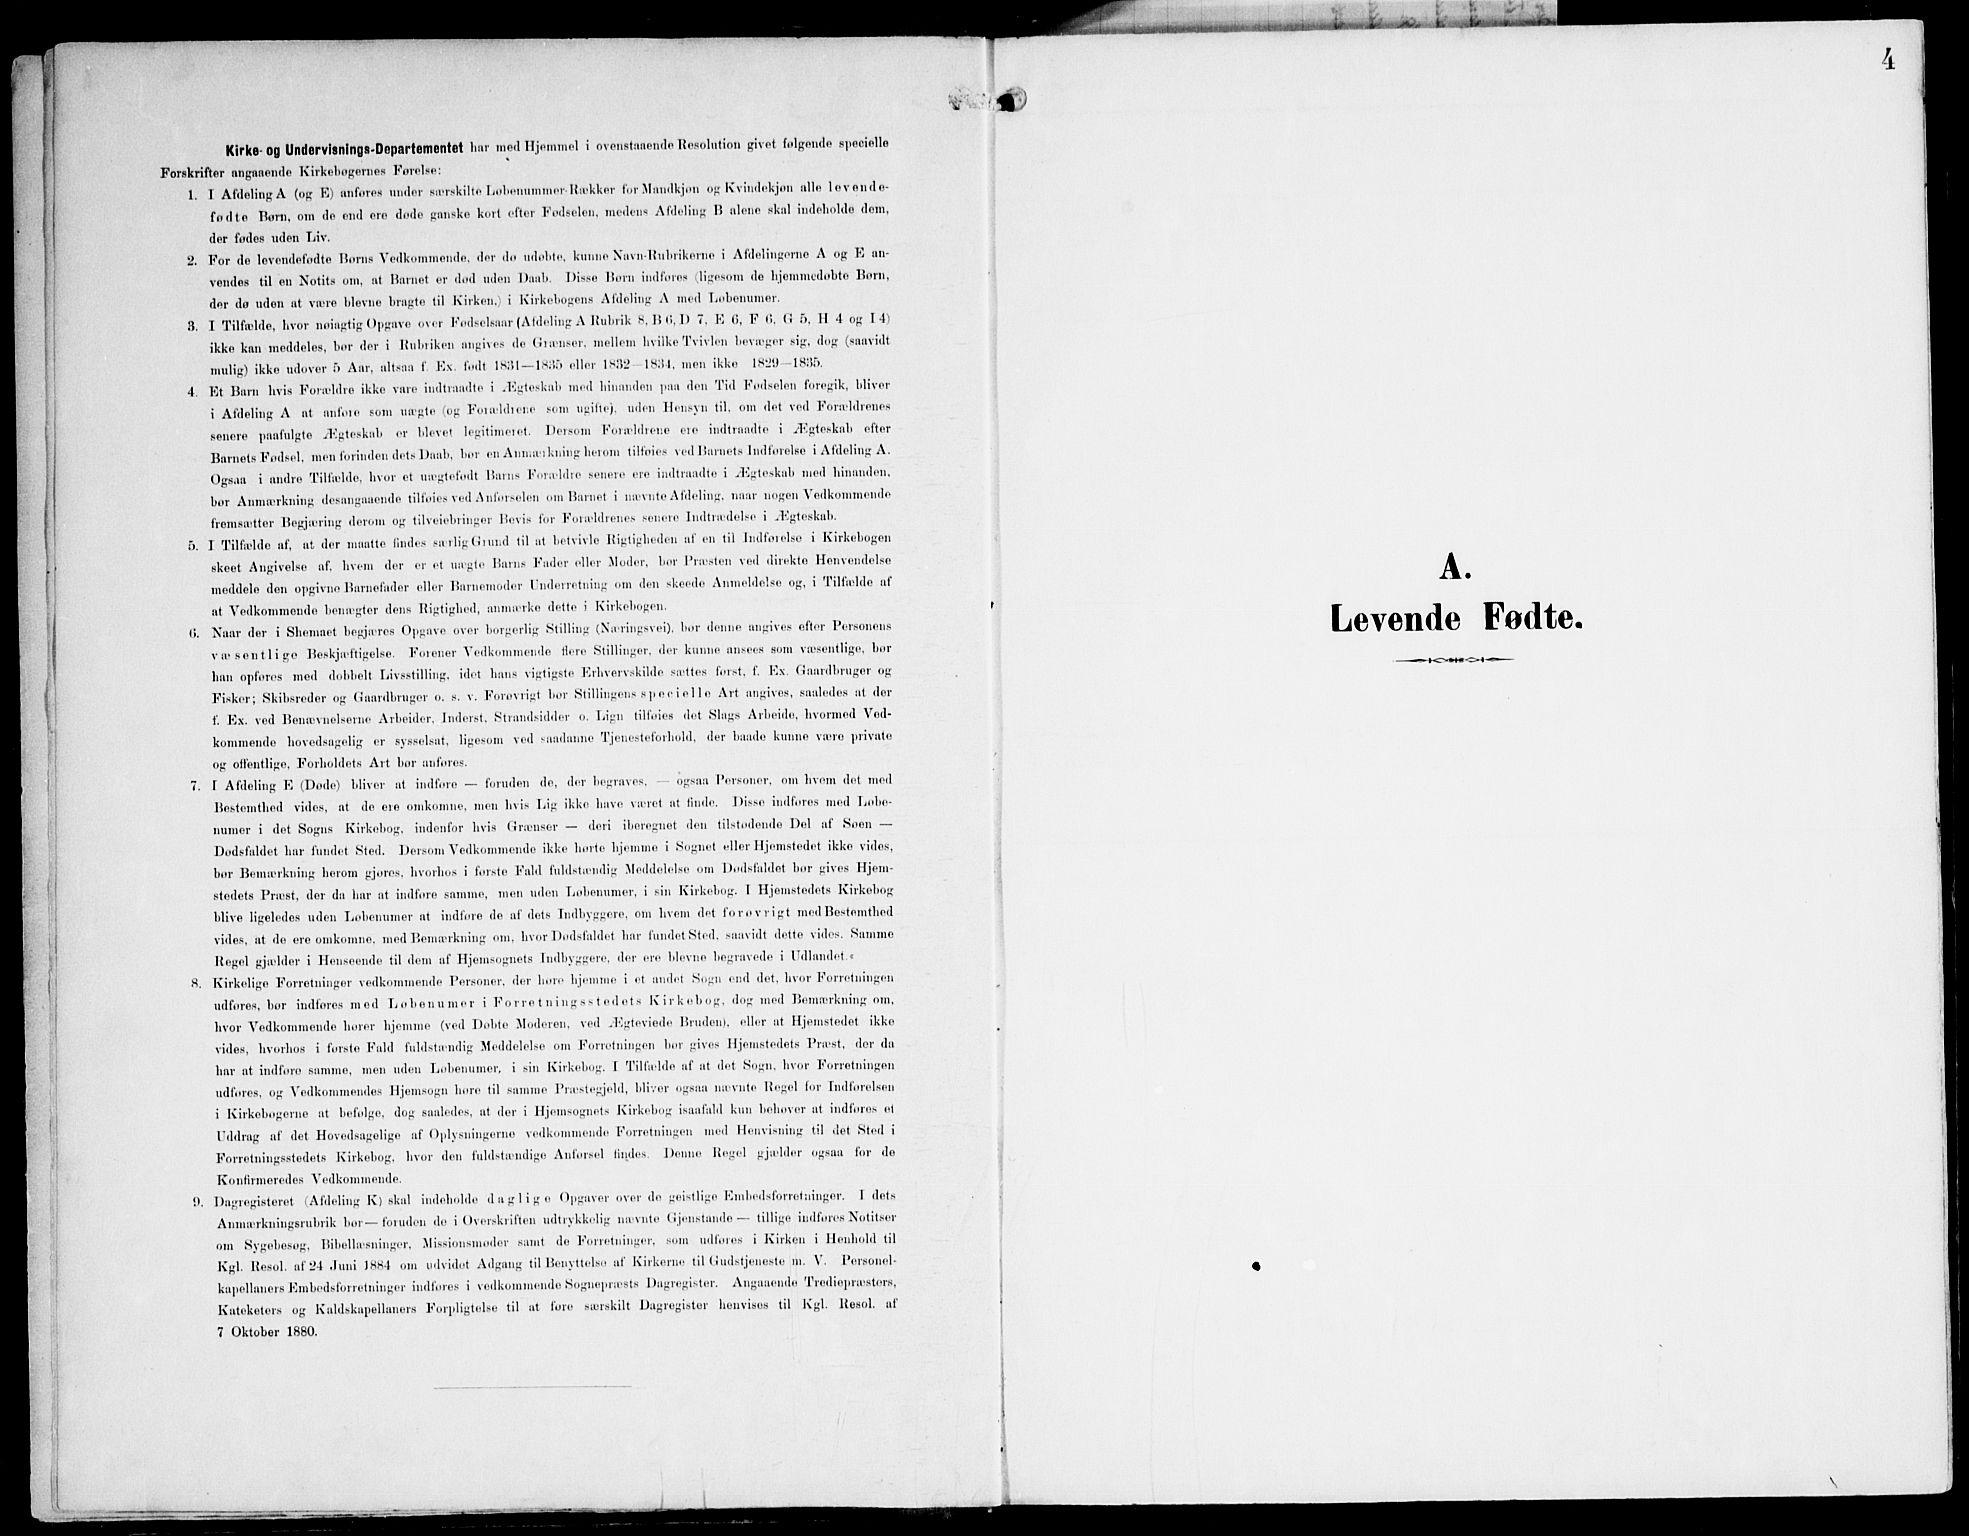 SAT, Ministerialprotokoller, klokkerbøker og fødselsregistre - Nord-Trøndelag, 745/L0430: Ministerialbok nr. 745A02, 1895-1913, s. 4